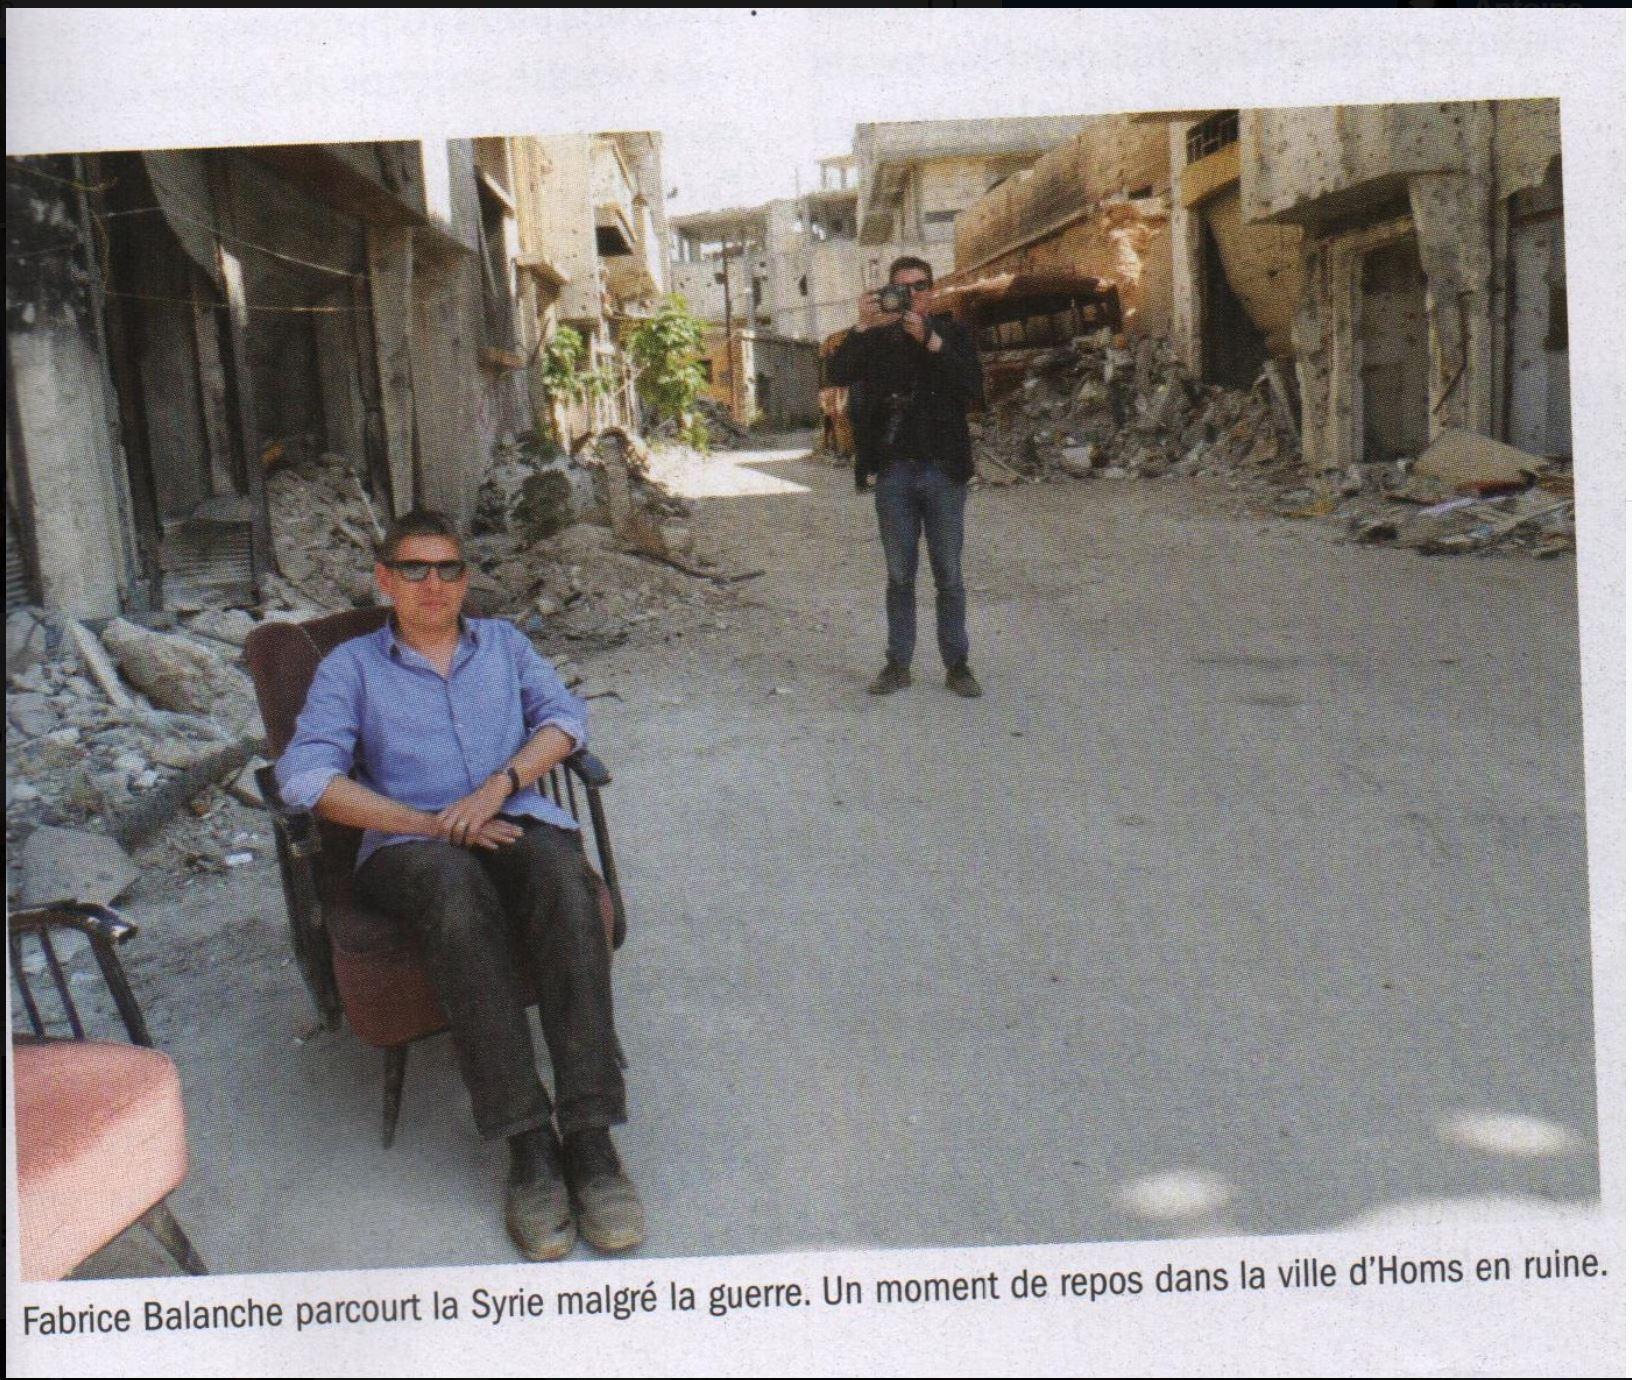 Balanche-dans-un-fauteil-a-Homs.jpg